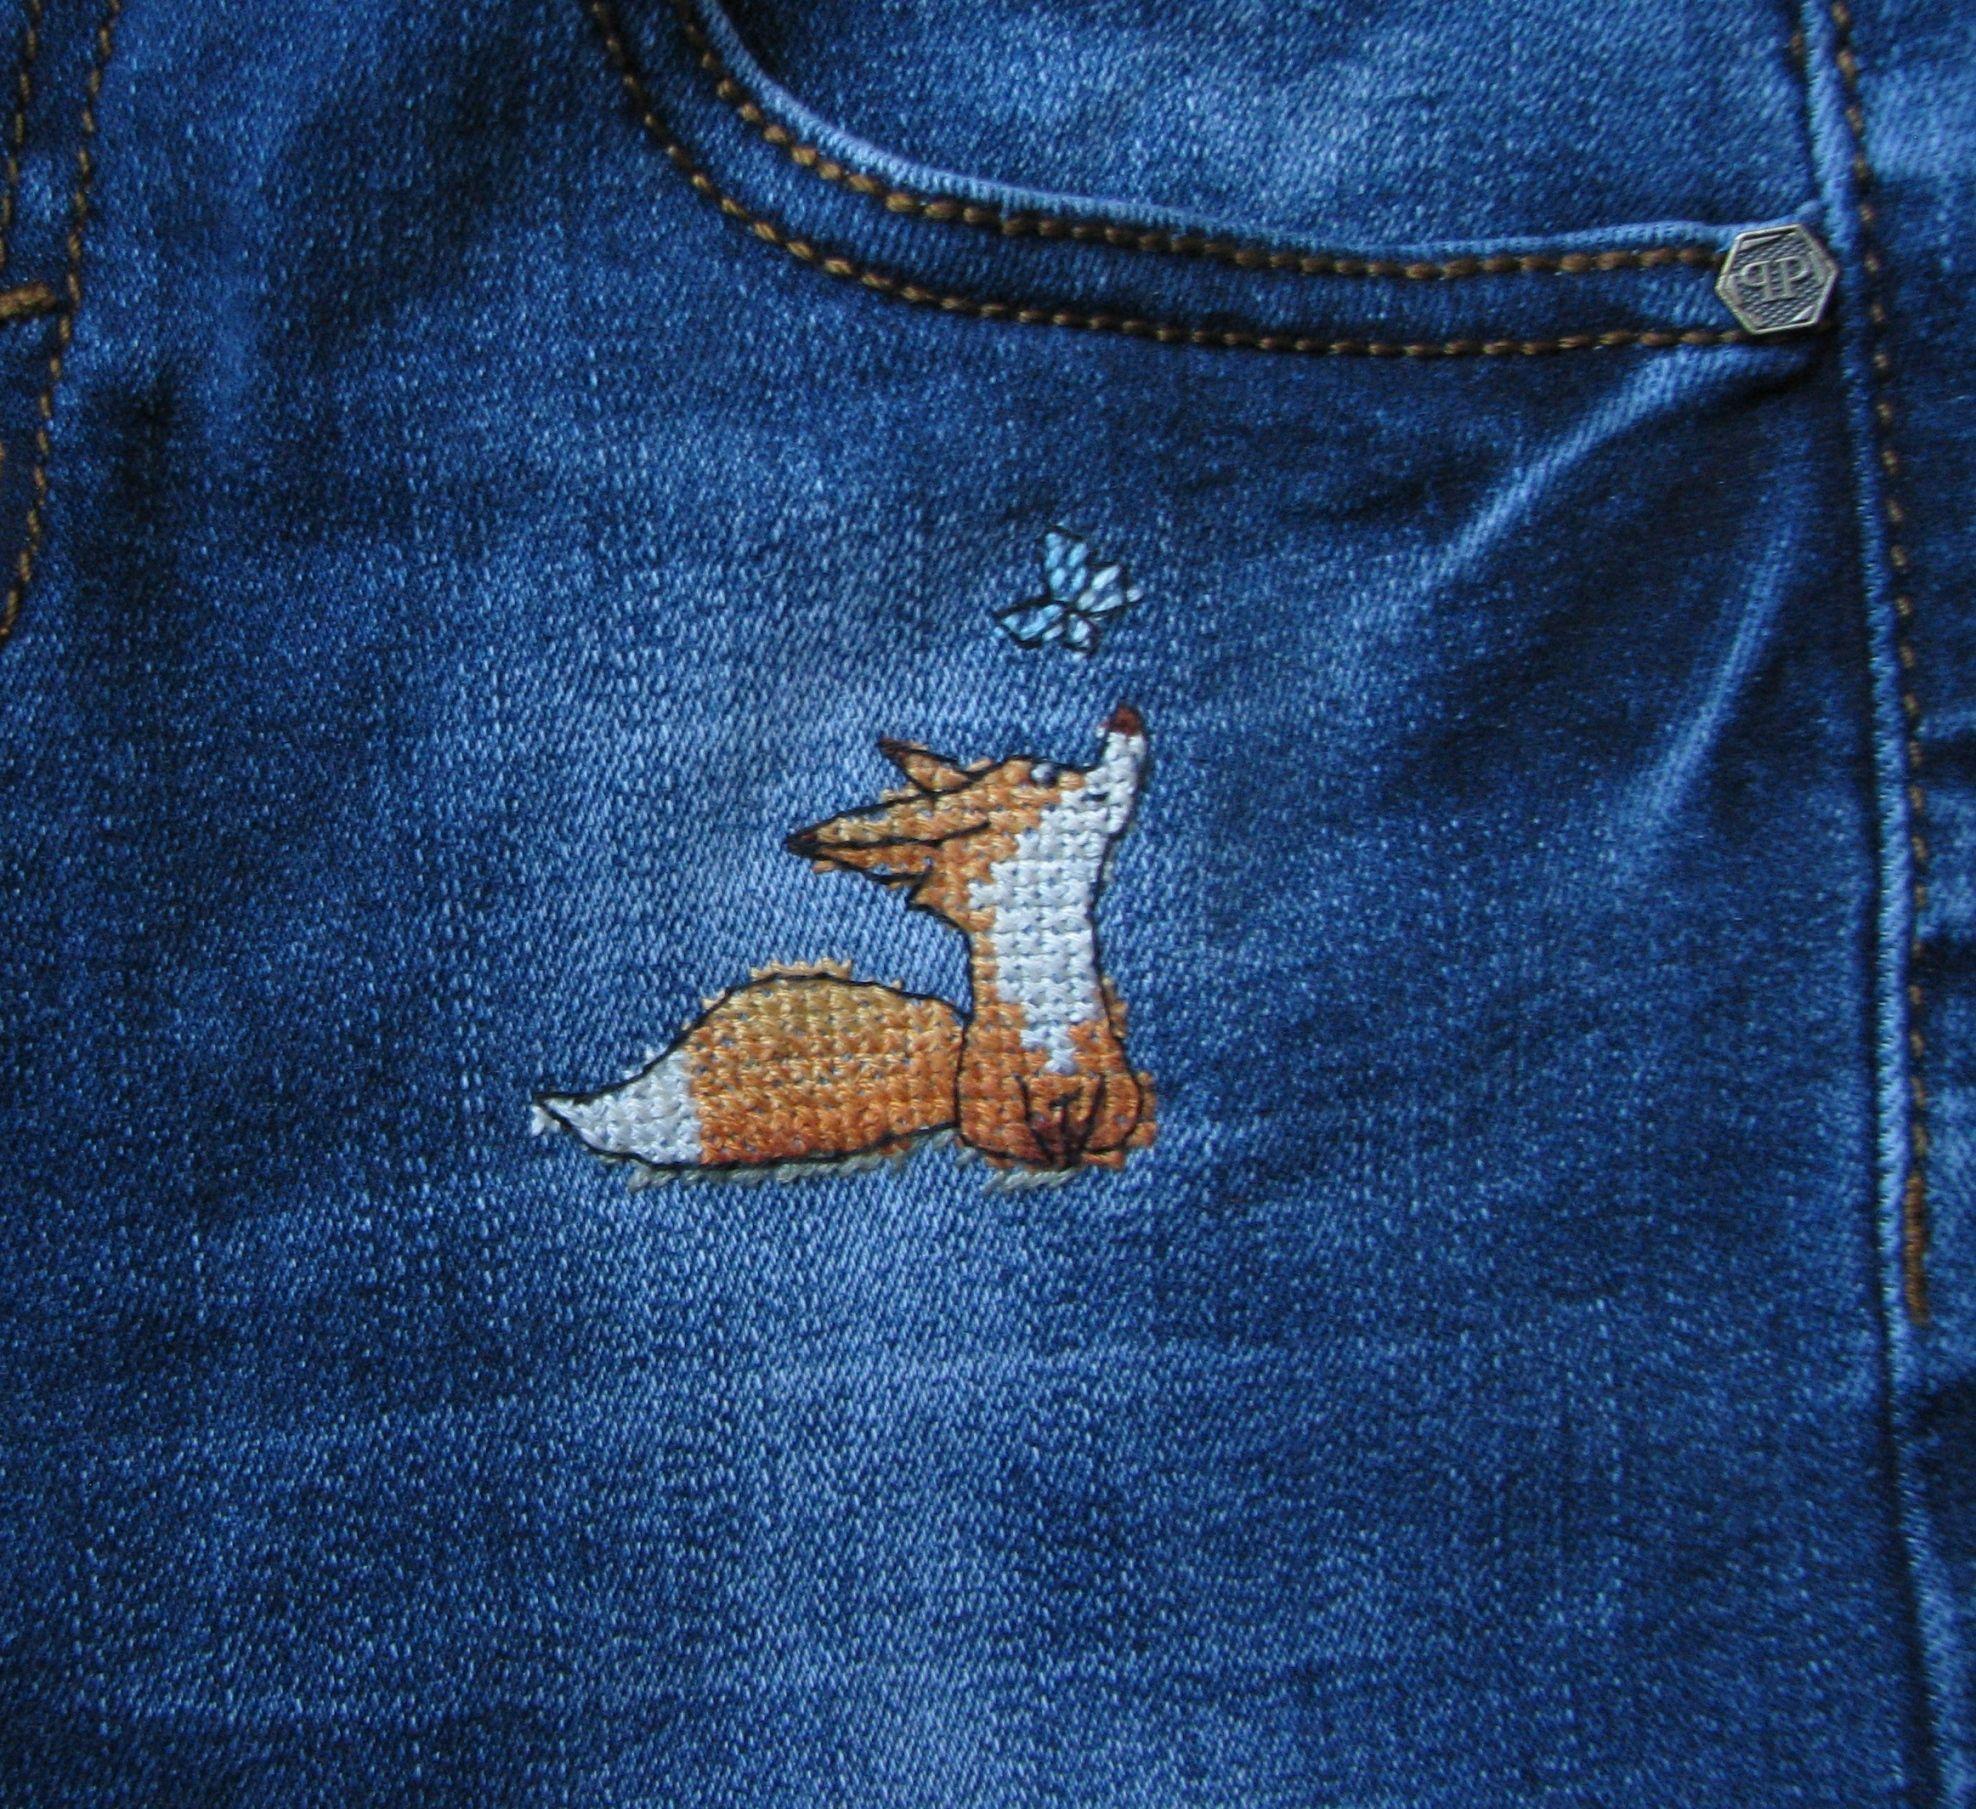 Схемы вышивки крестом джинсах